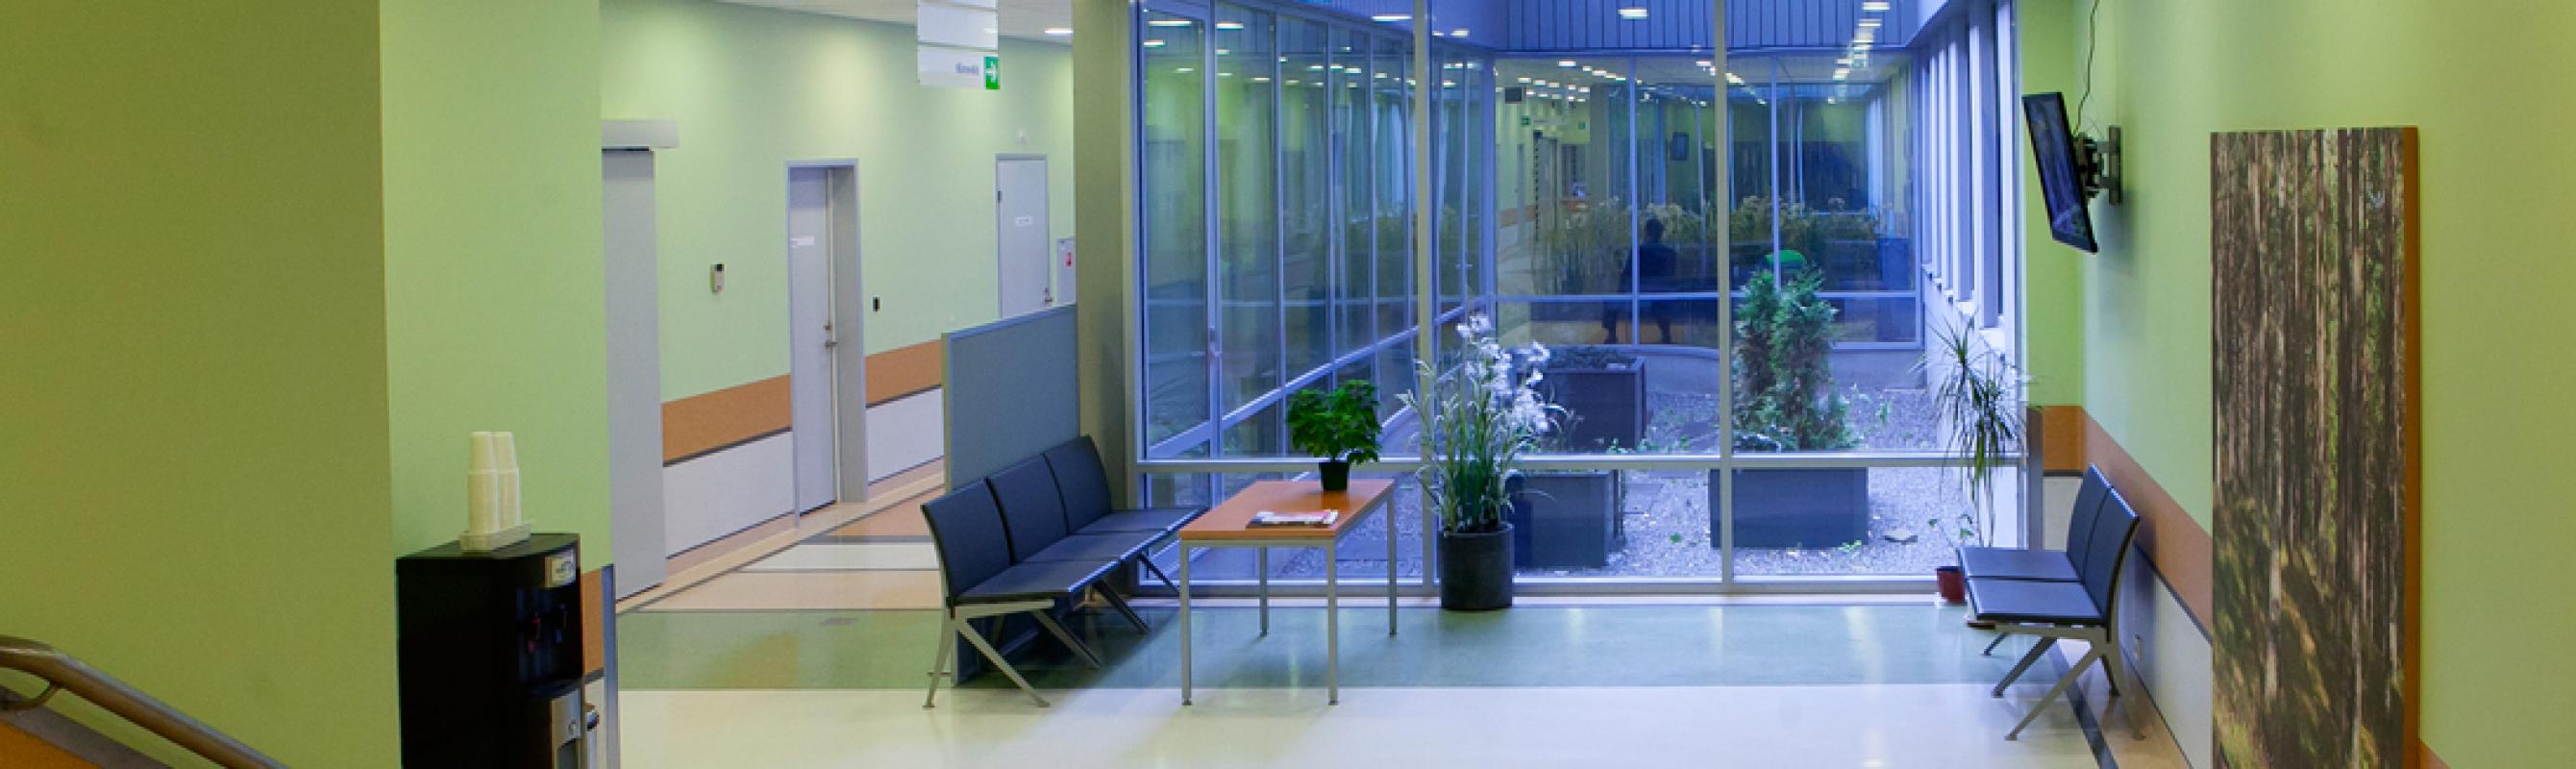 Kiiritusravi keskuse ooteruum